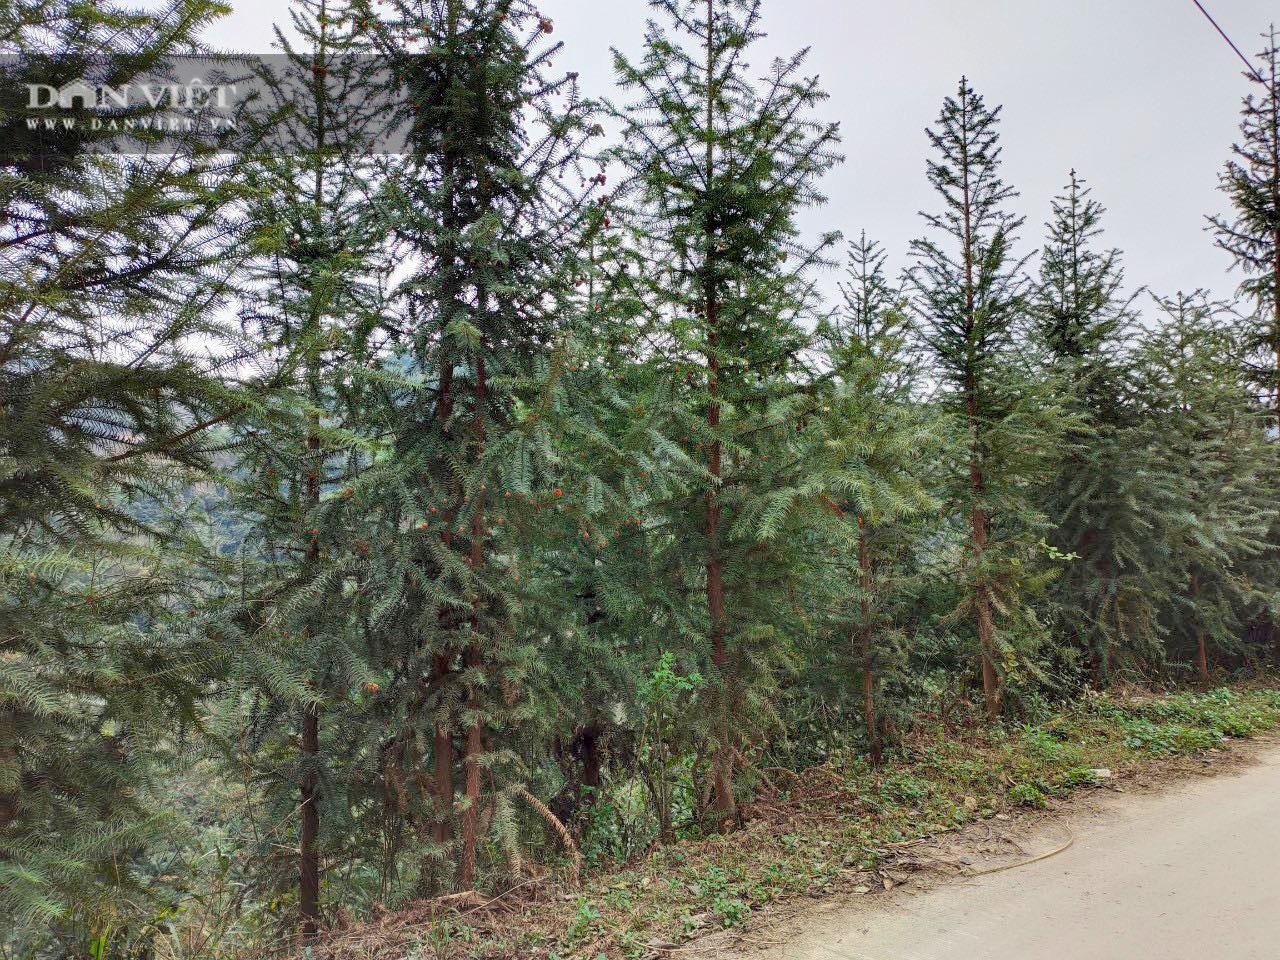 Không có người mua, 119ha cây sa mộc ở xã vùng biên Cốc Pàng có nguy cơ thành củi - Ảnh 5.